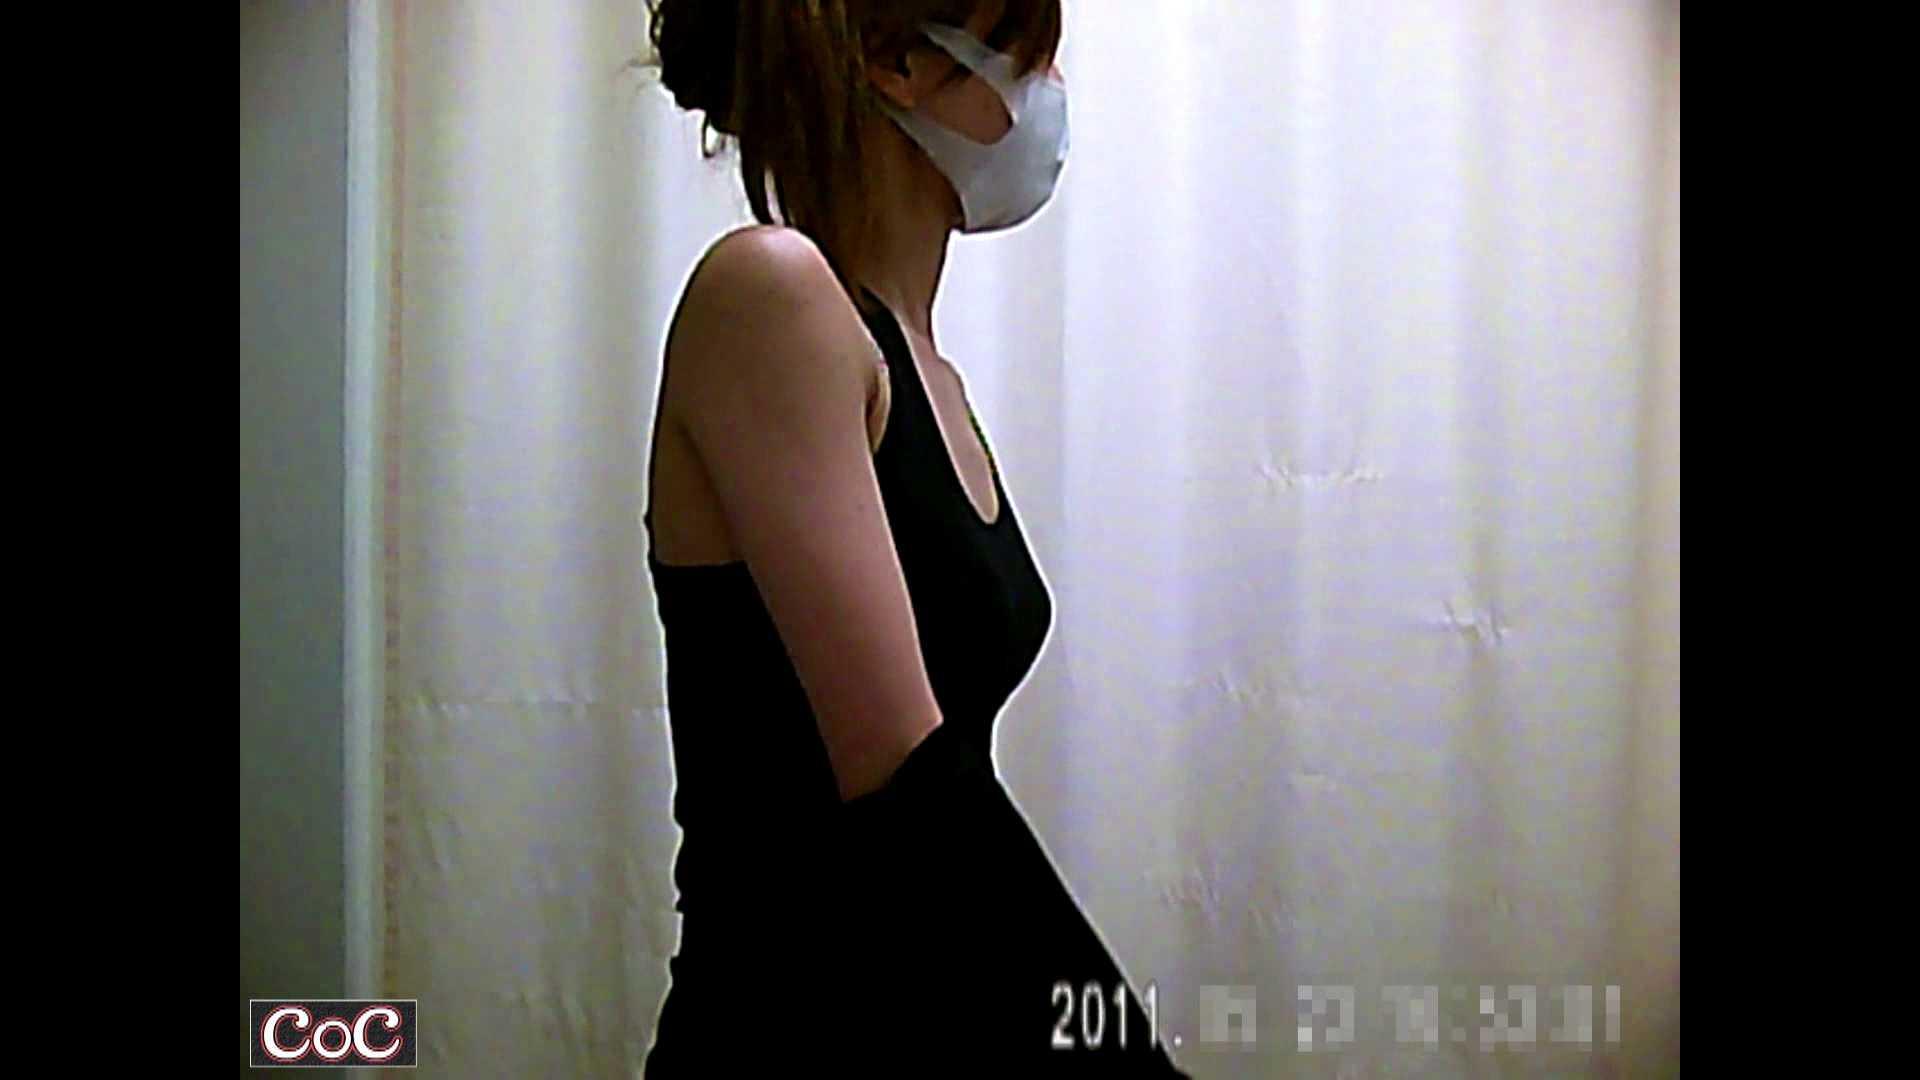 元医者による反抗 更衣室地獄絵巻 vol.171 OL  106pic 42